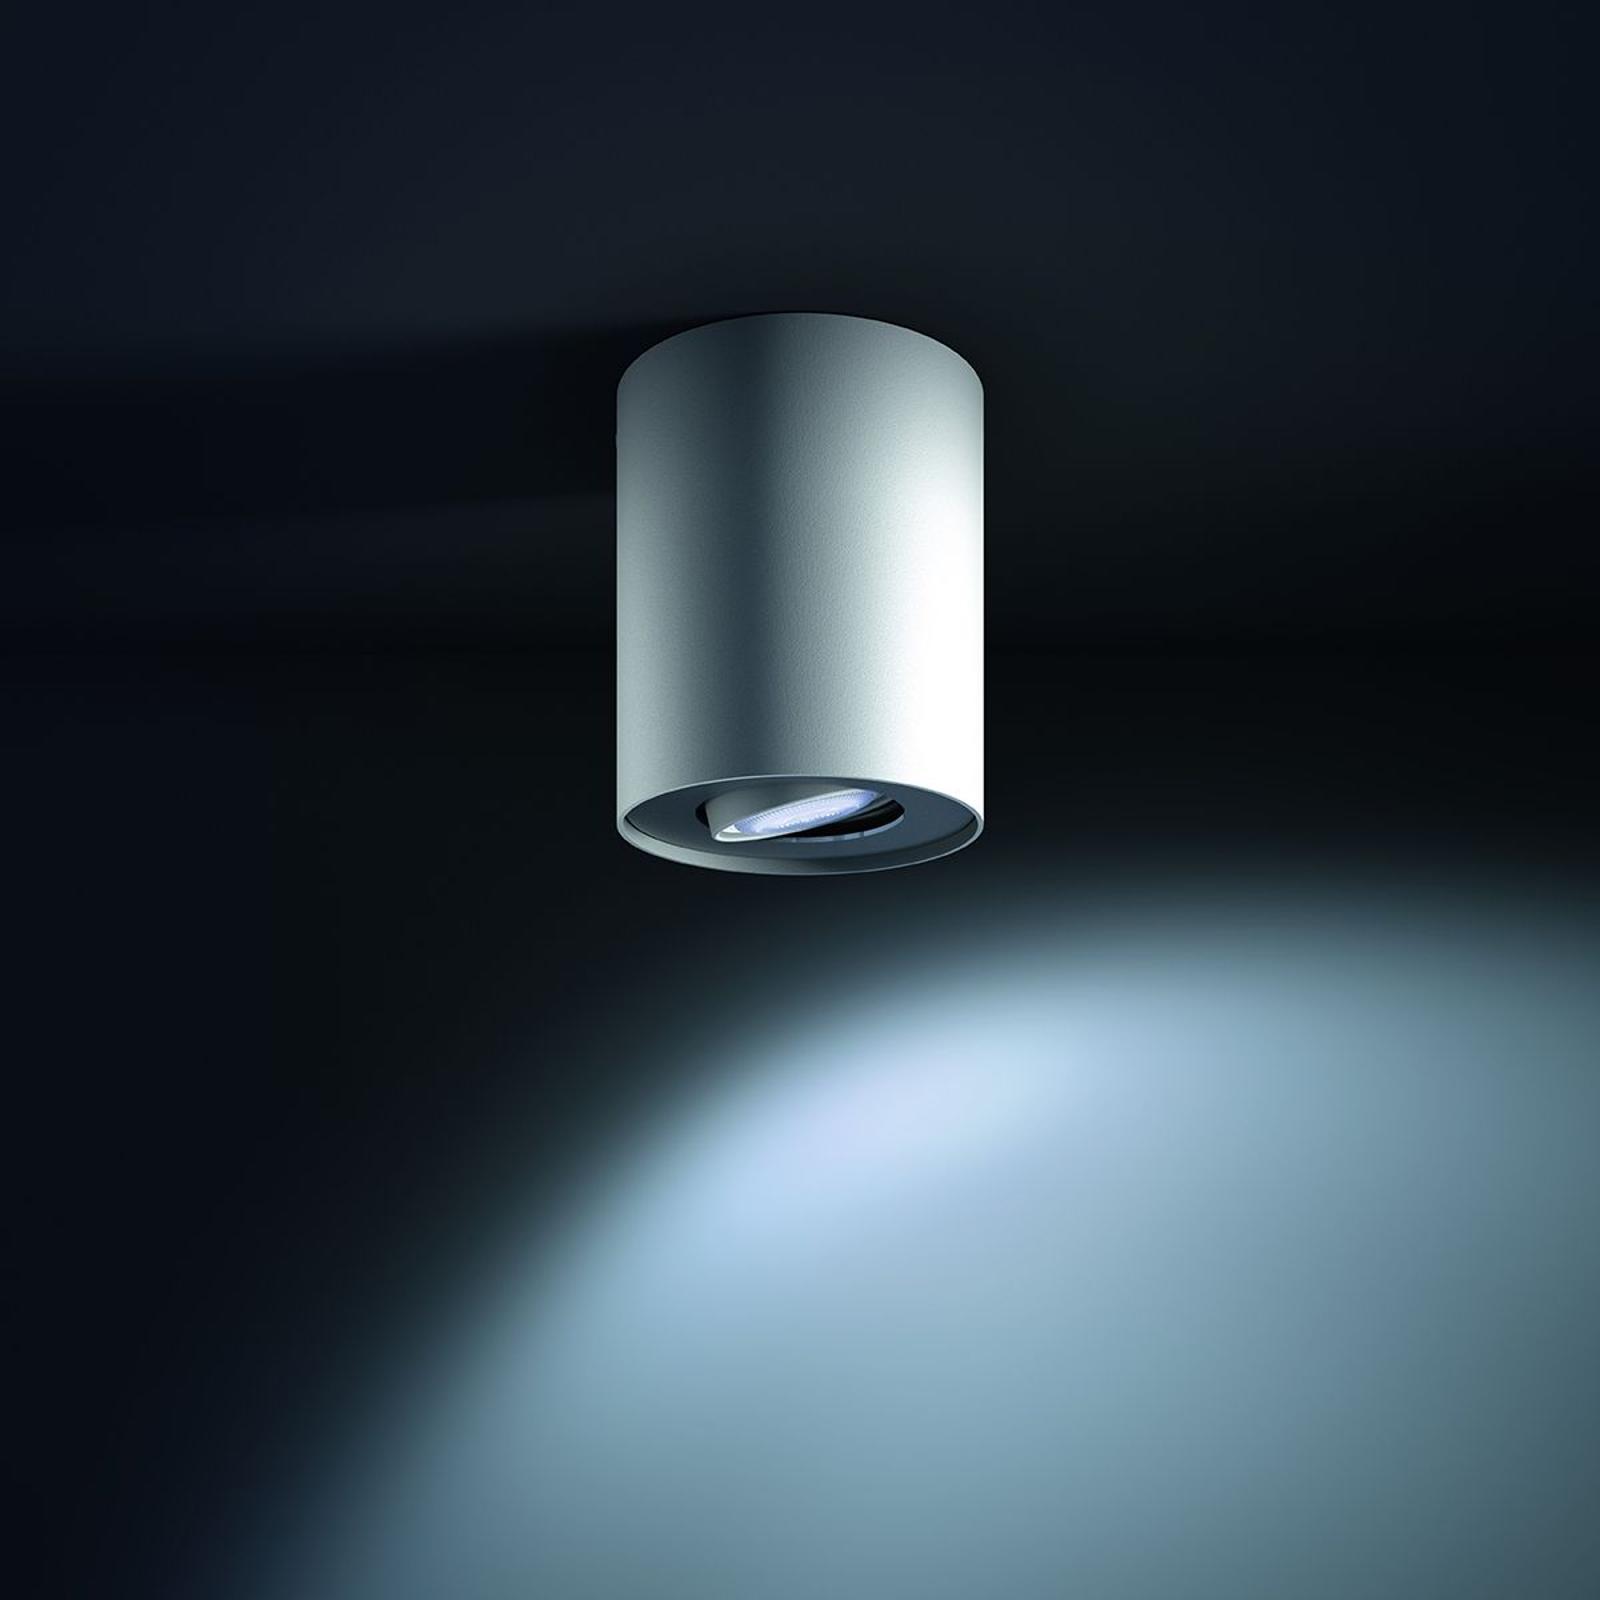 Philips Hue Pillar LED-spot dimmebryter, hvit